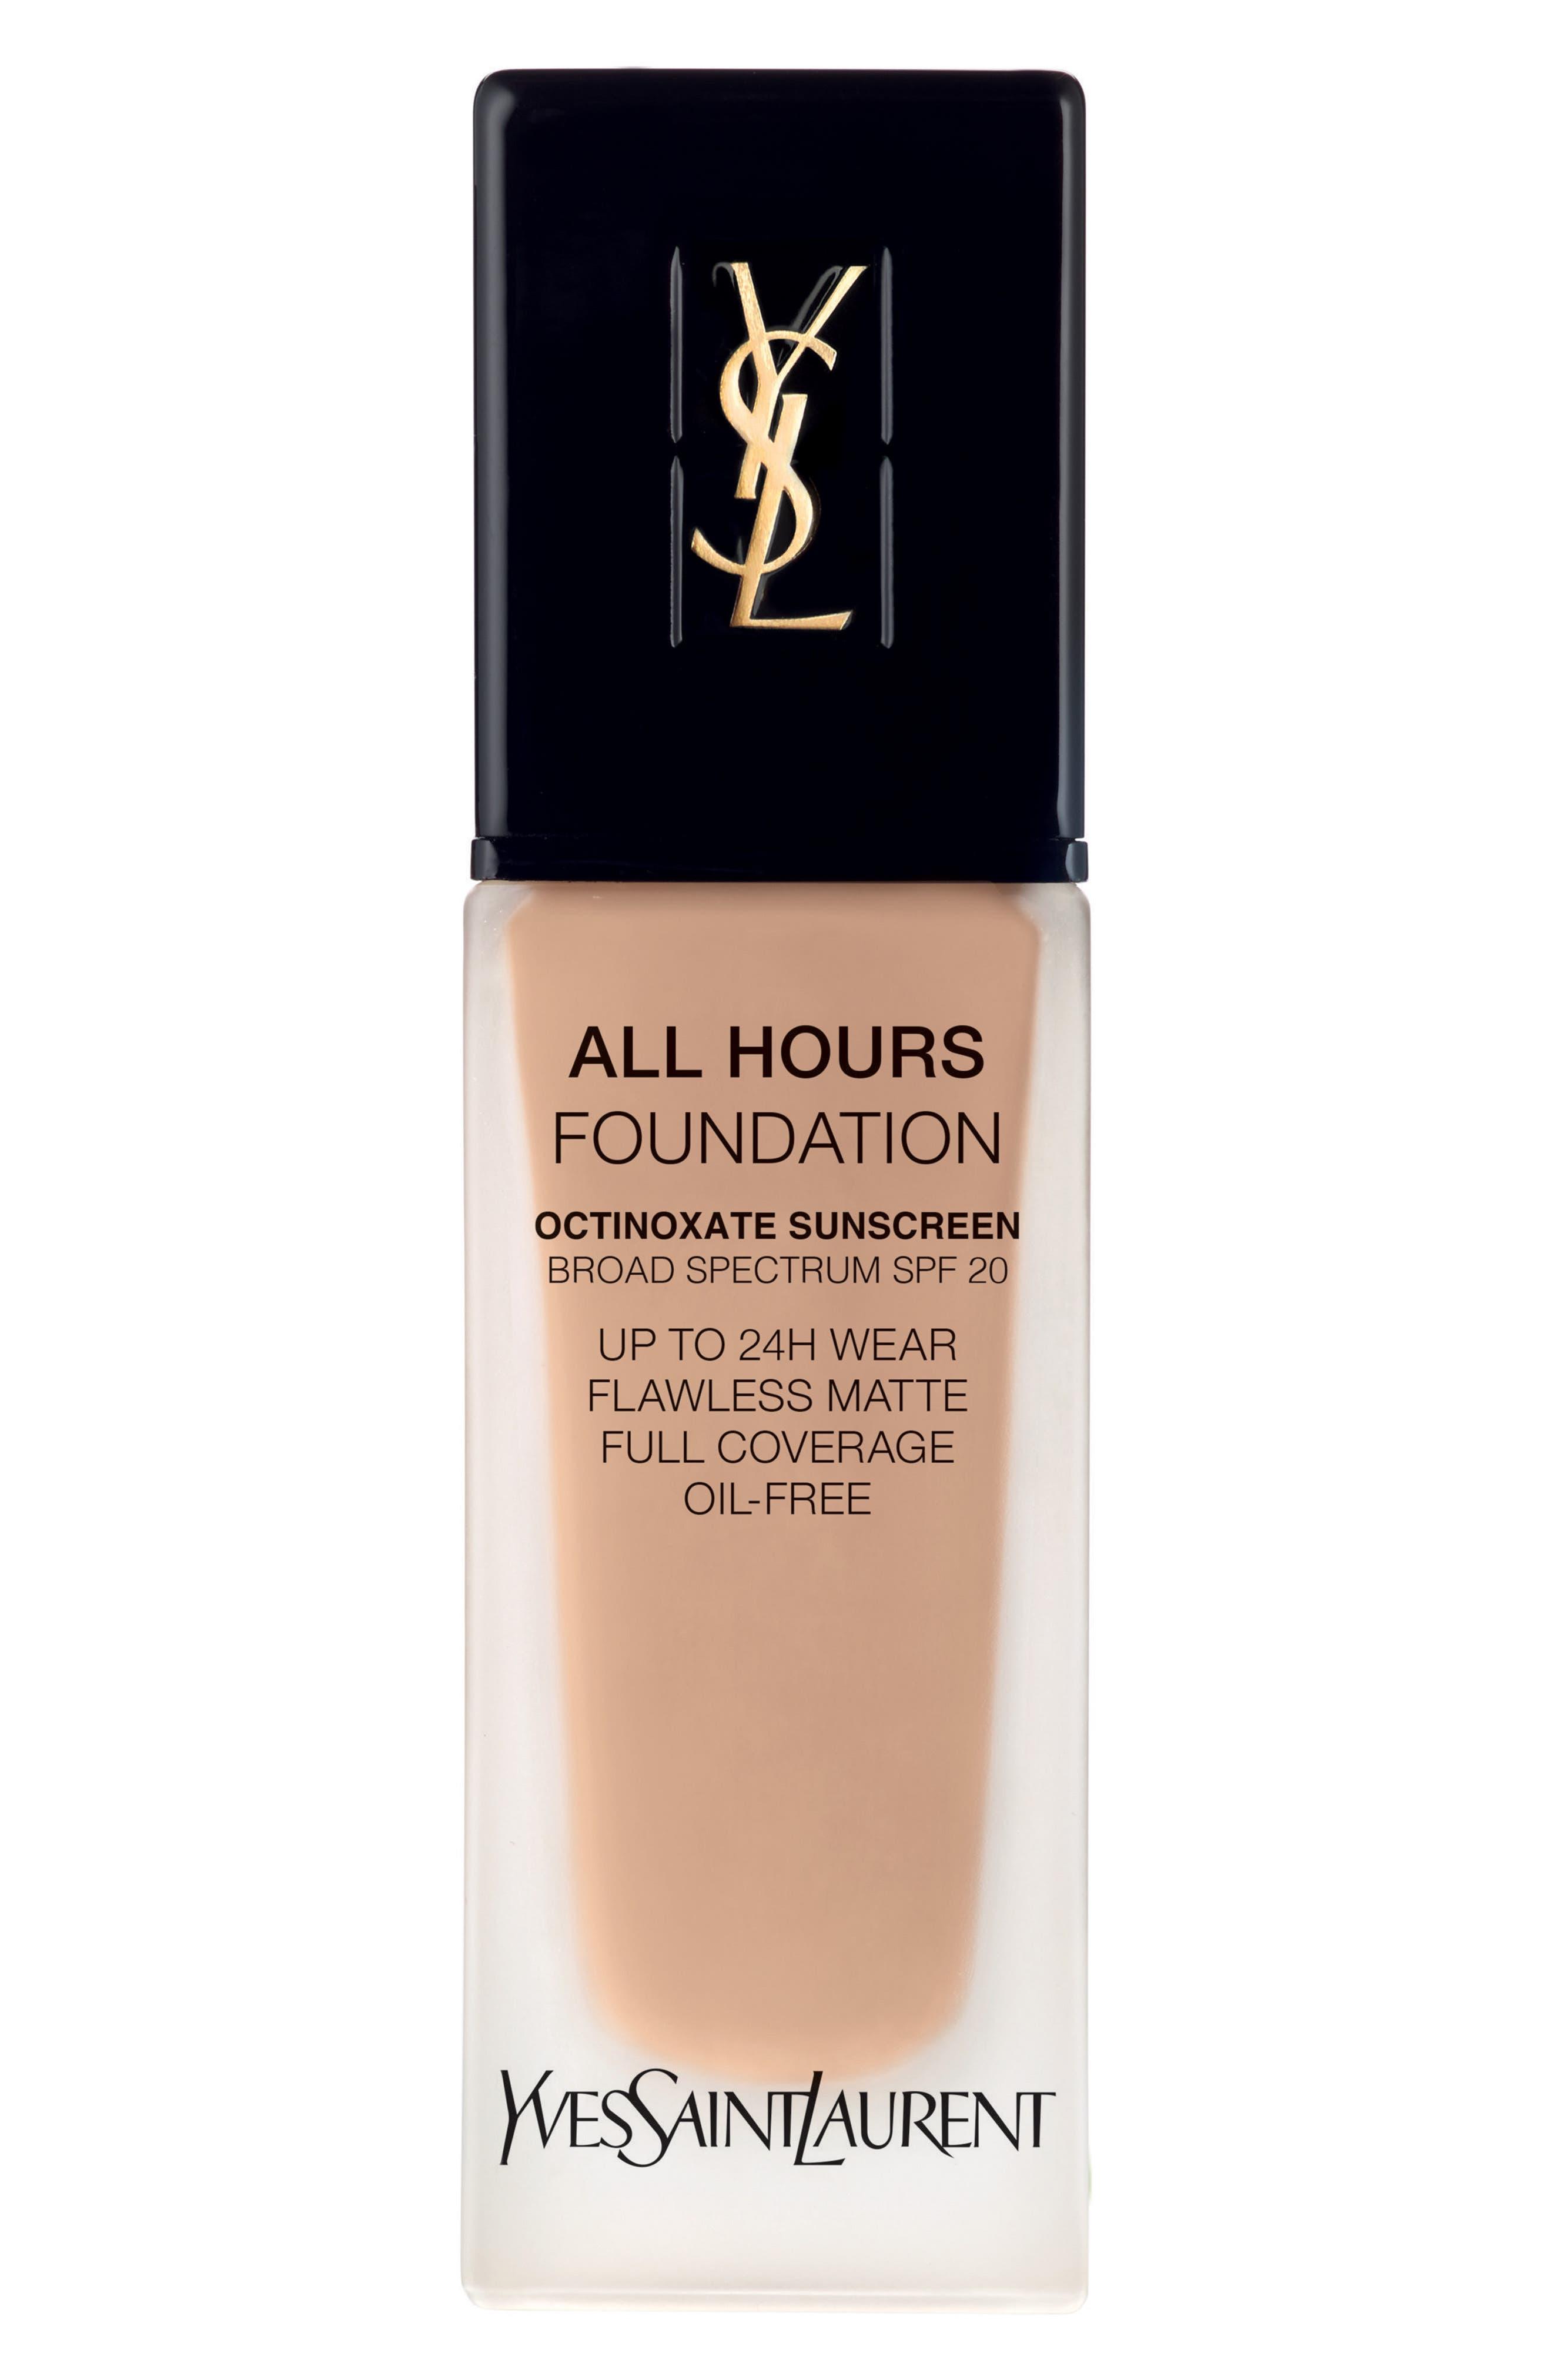 Yves Saint Laurent All Hours Full Coverage Matte Foundation Spf 20 - B40 Sand